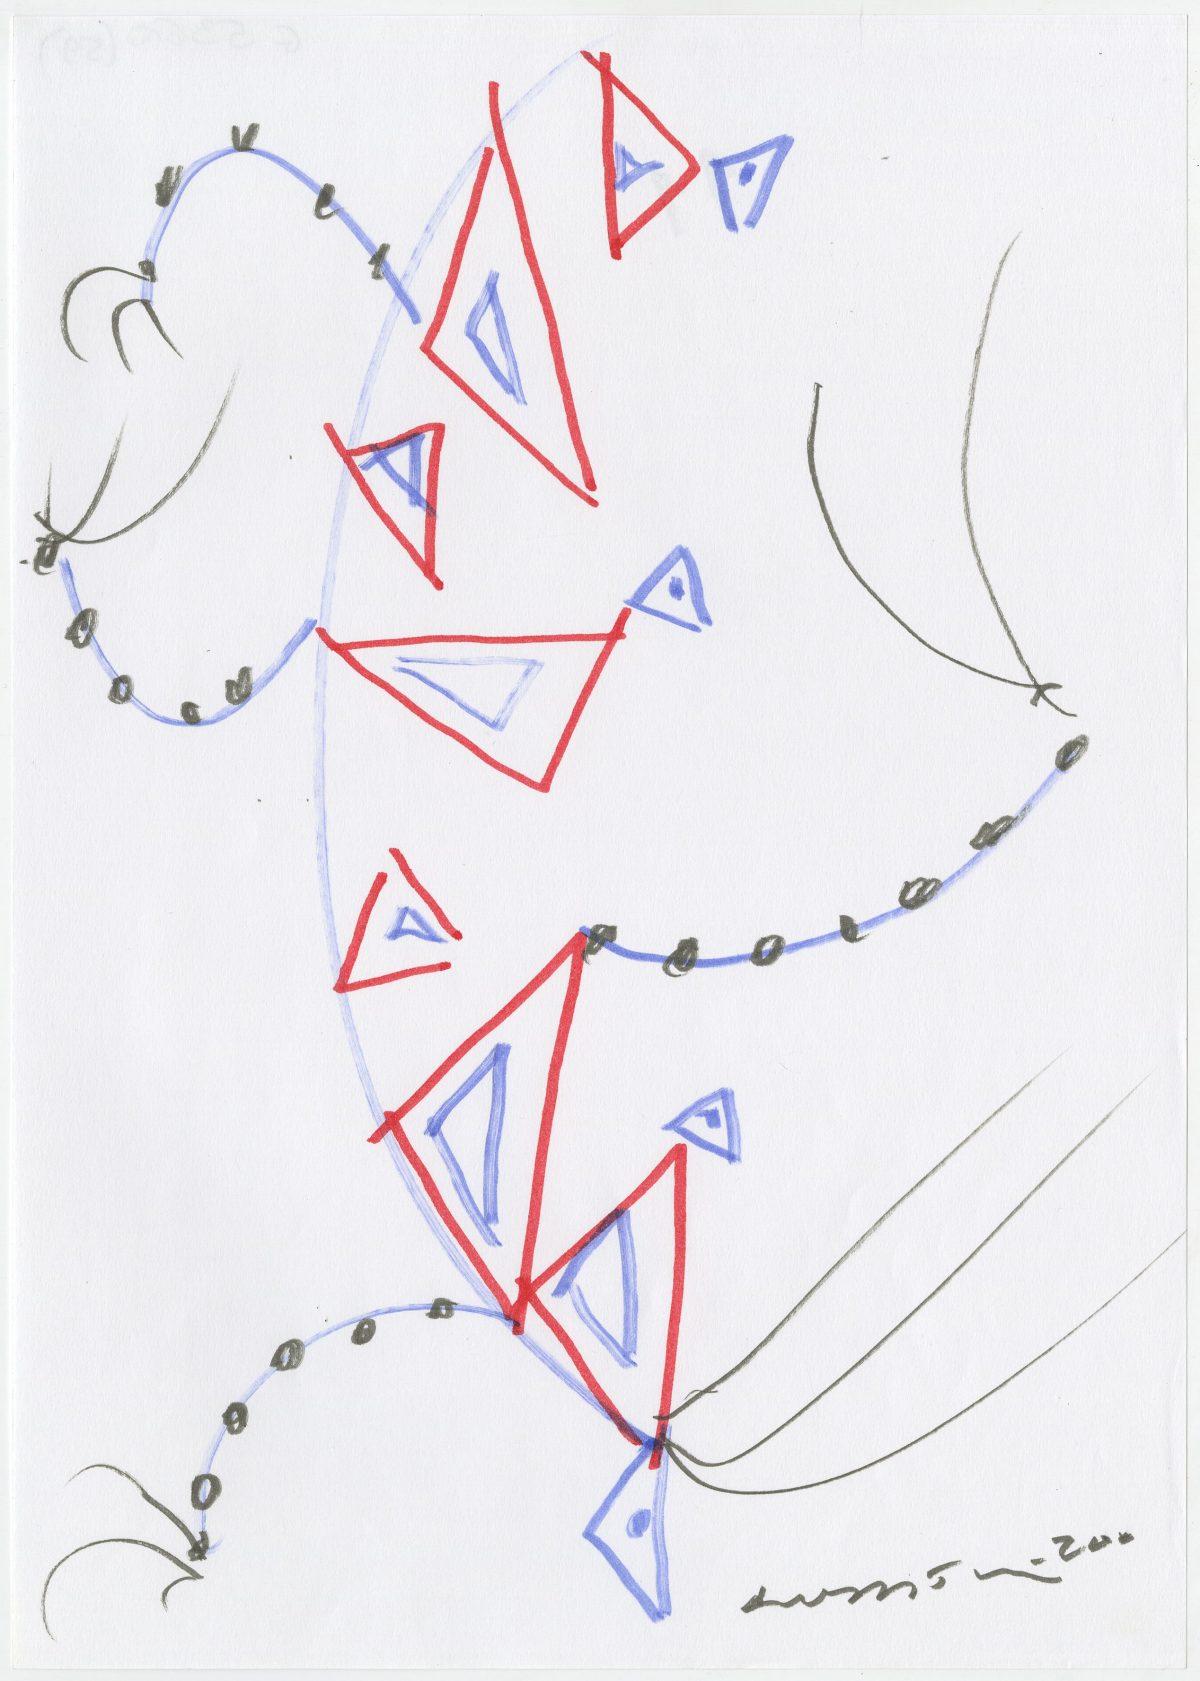 G05360(59)<br/> <b>Cím:</b> Boldogságot erőt adjál nekünk művészet <br/> <b>Méret cm:</b> 29,6X21 <br/> <b>Készült:</b> 2002. <br/> <b>Technika:</b> filc<br/>